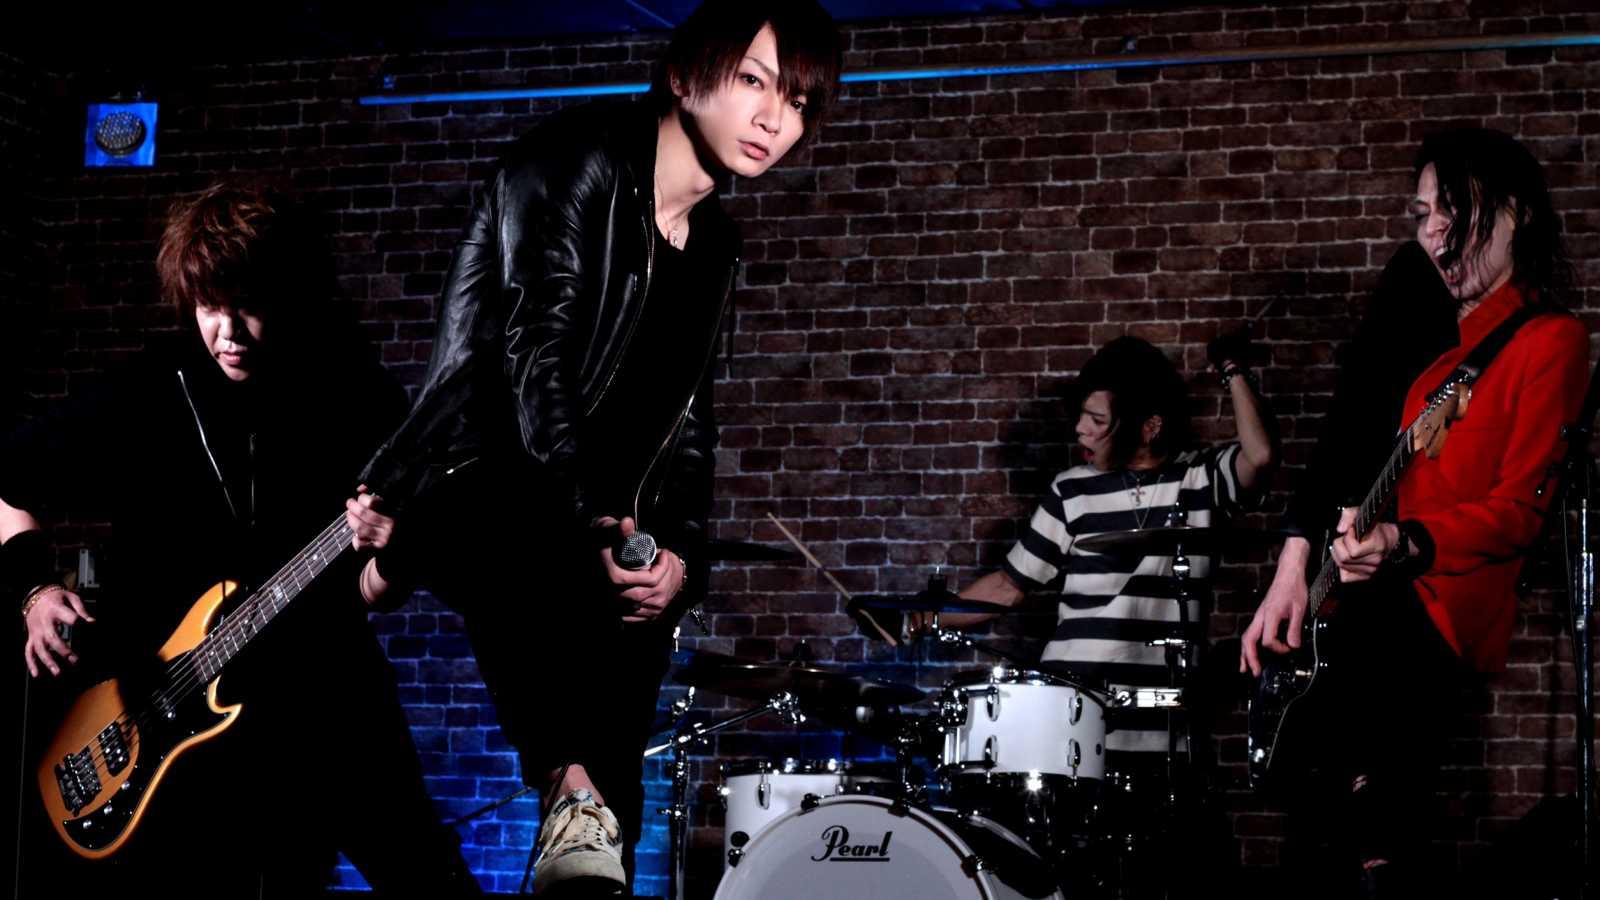 G.L.A.M.S en tournée européenne © Mikaru